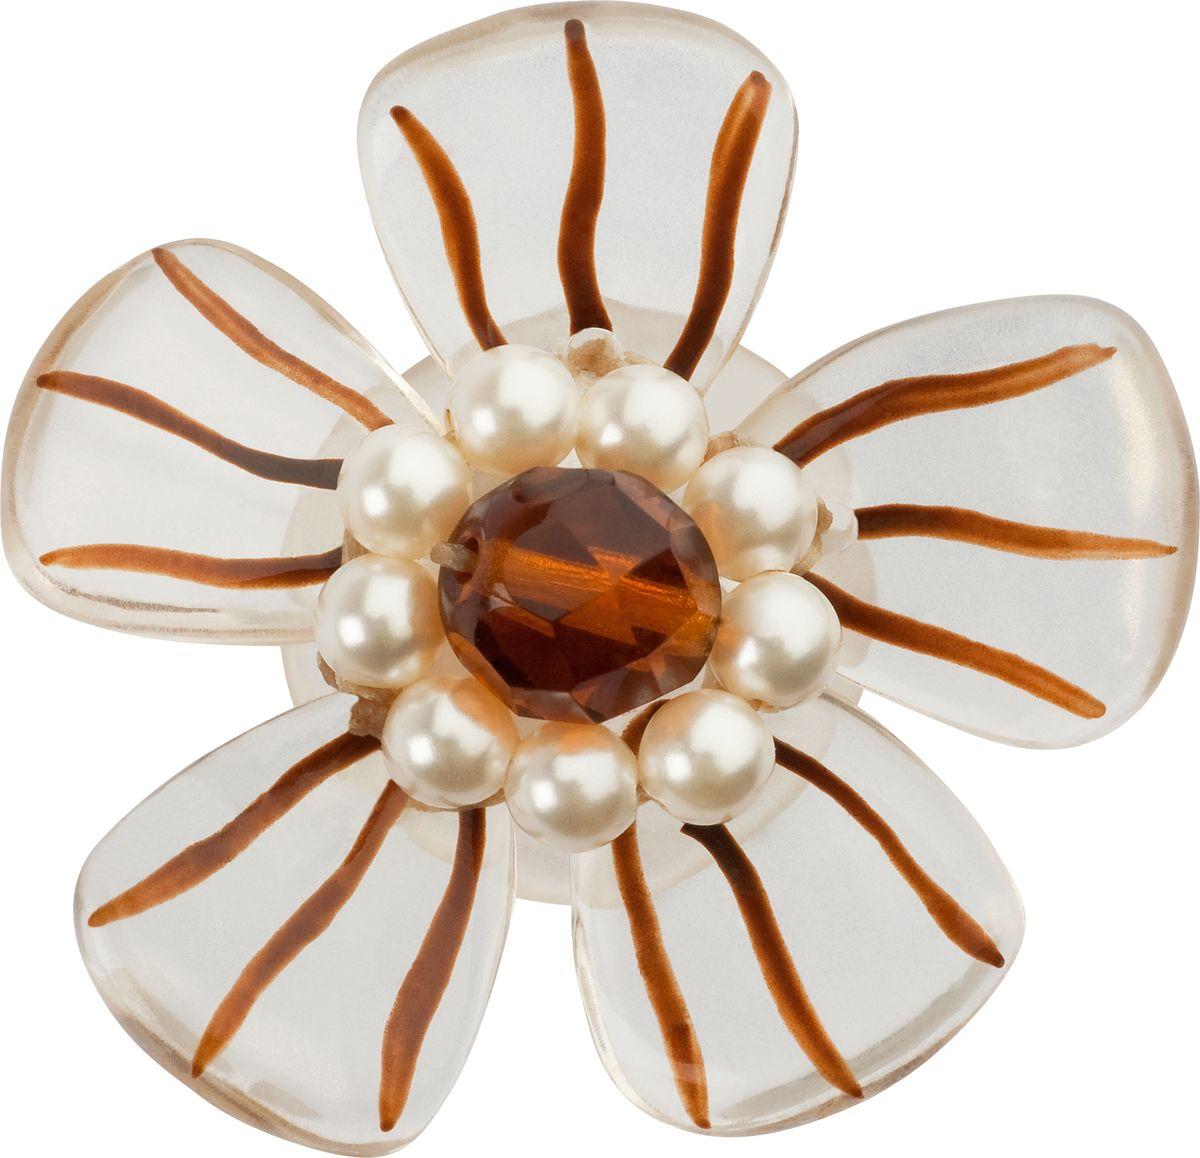 Серьги Lalo Treasures, цвет: белый, коричневый. E3484/2E3484/2Яркие дизайнерские акссесуары от Lalo Treasures станут отличным дополнением к Вашему стилю